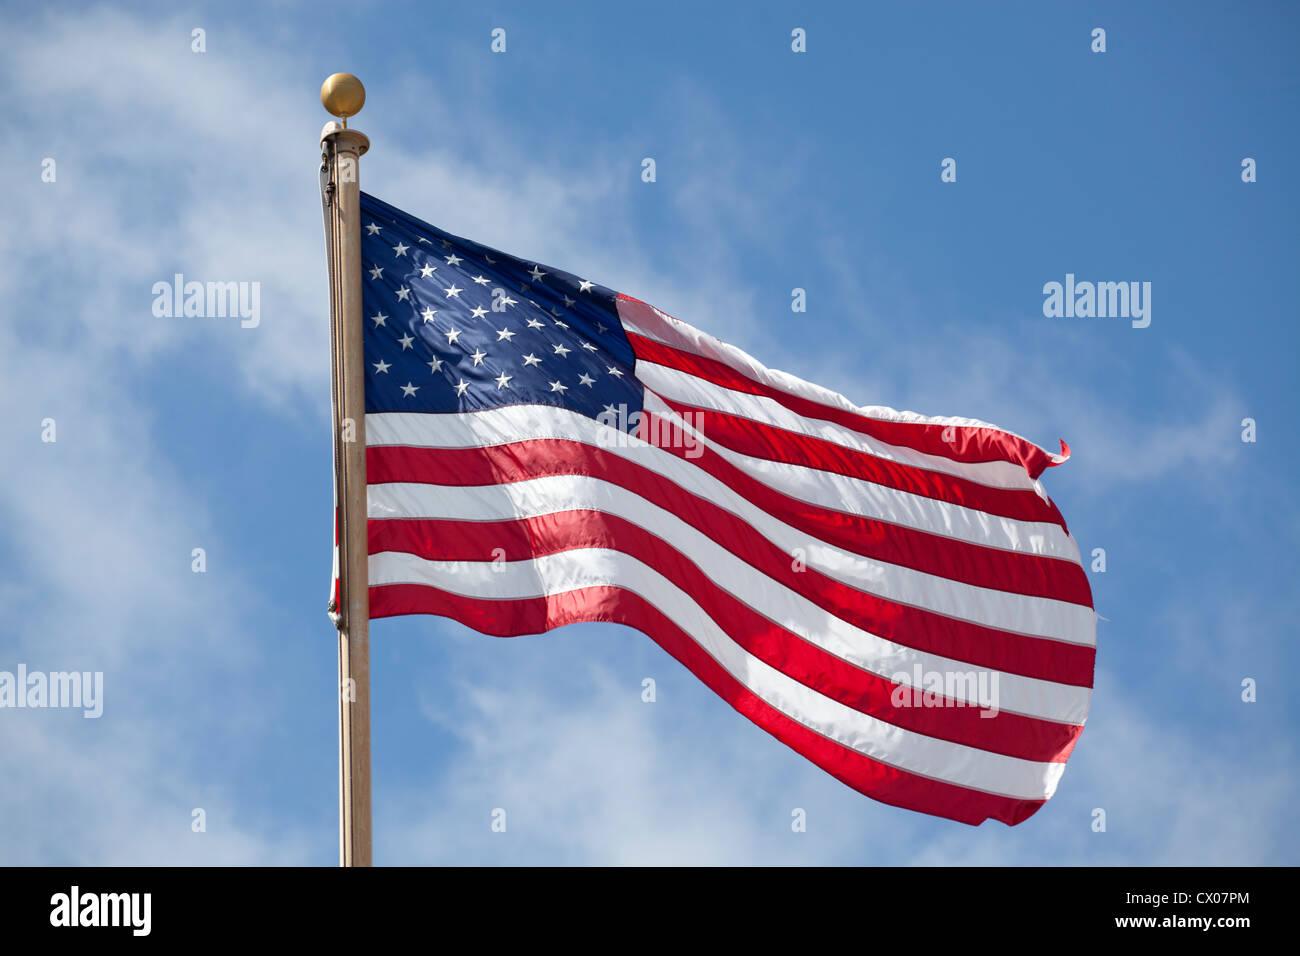 United States national flag - Stock Image